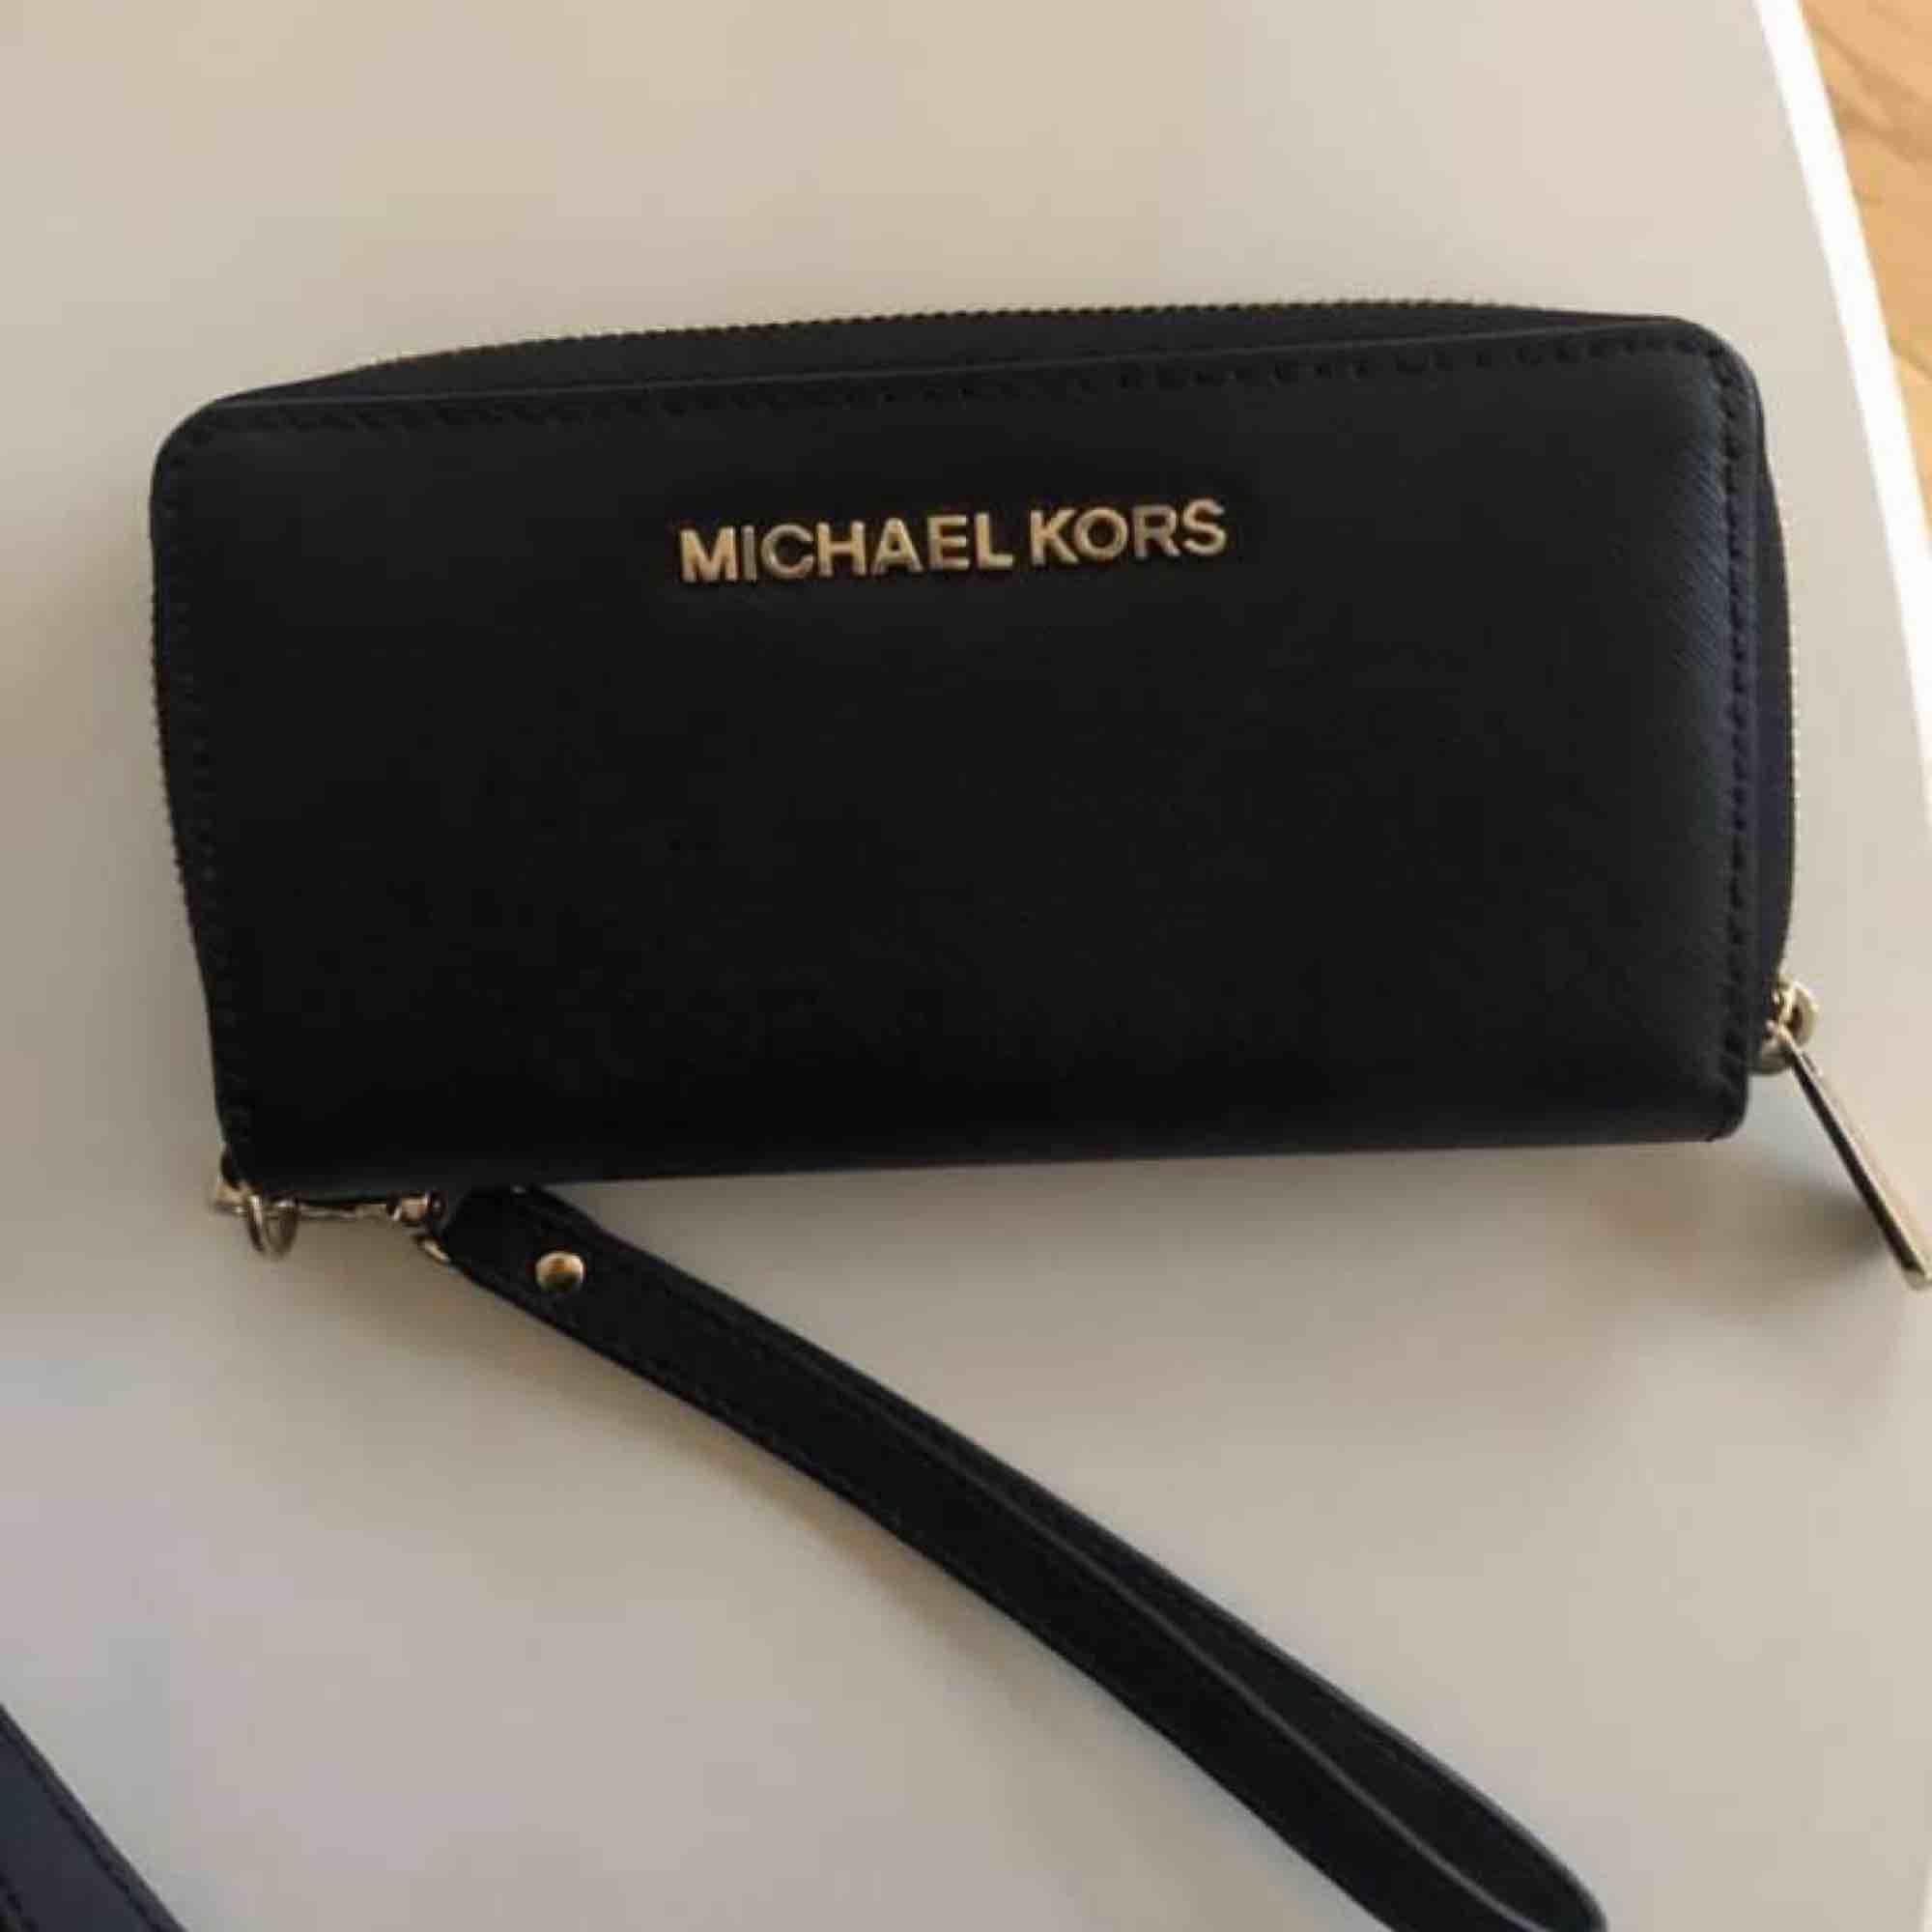 En Michael Kors väska & plånbok! Använd men i bra skick 🤩. Väskor.